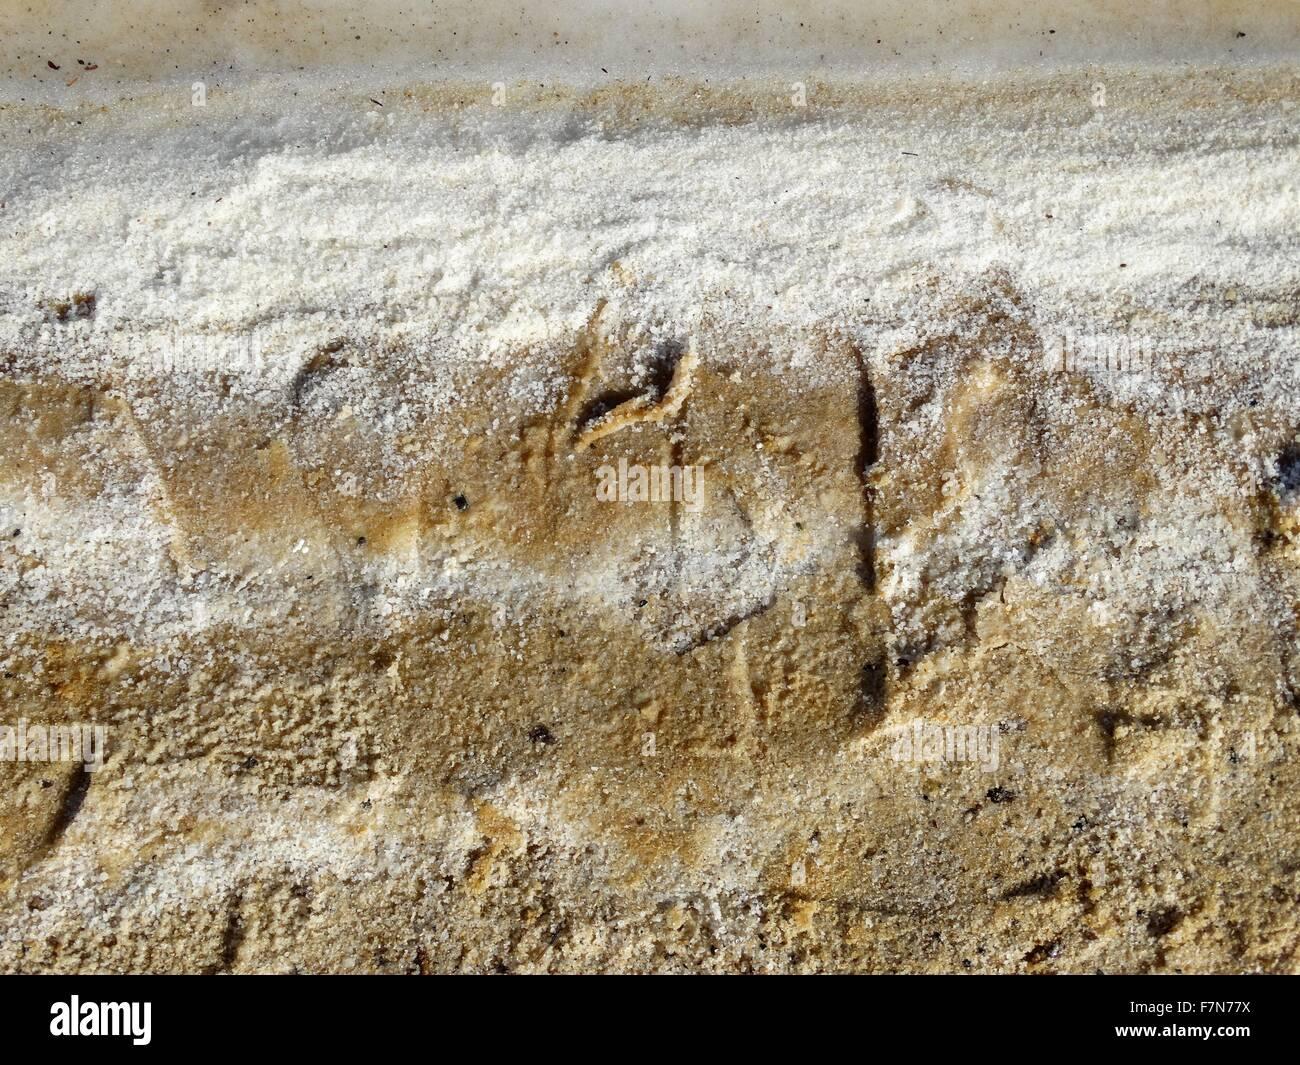 Les dépôts de sel de la mer Morte; Israël 2014 Photo Stock